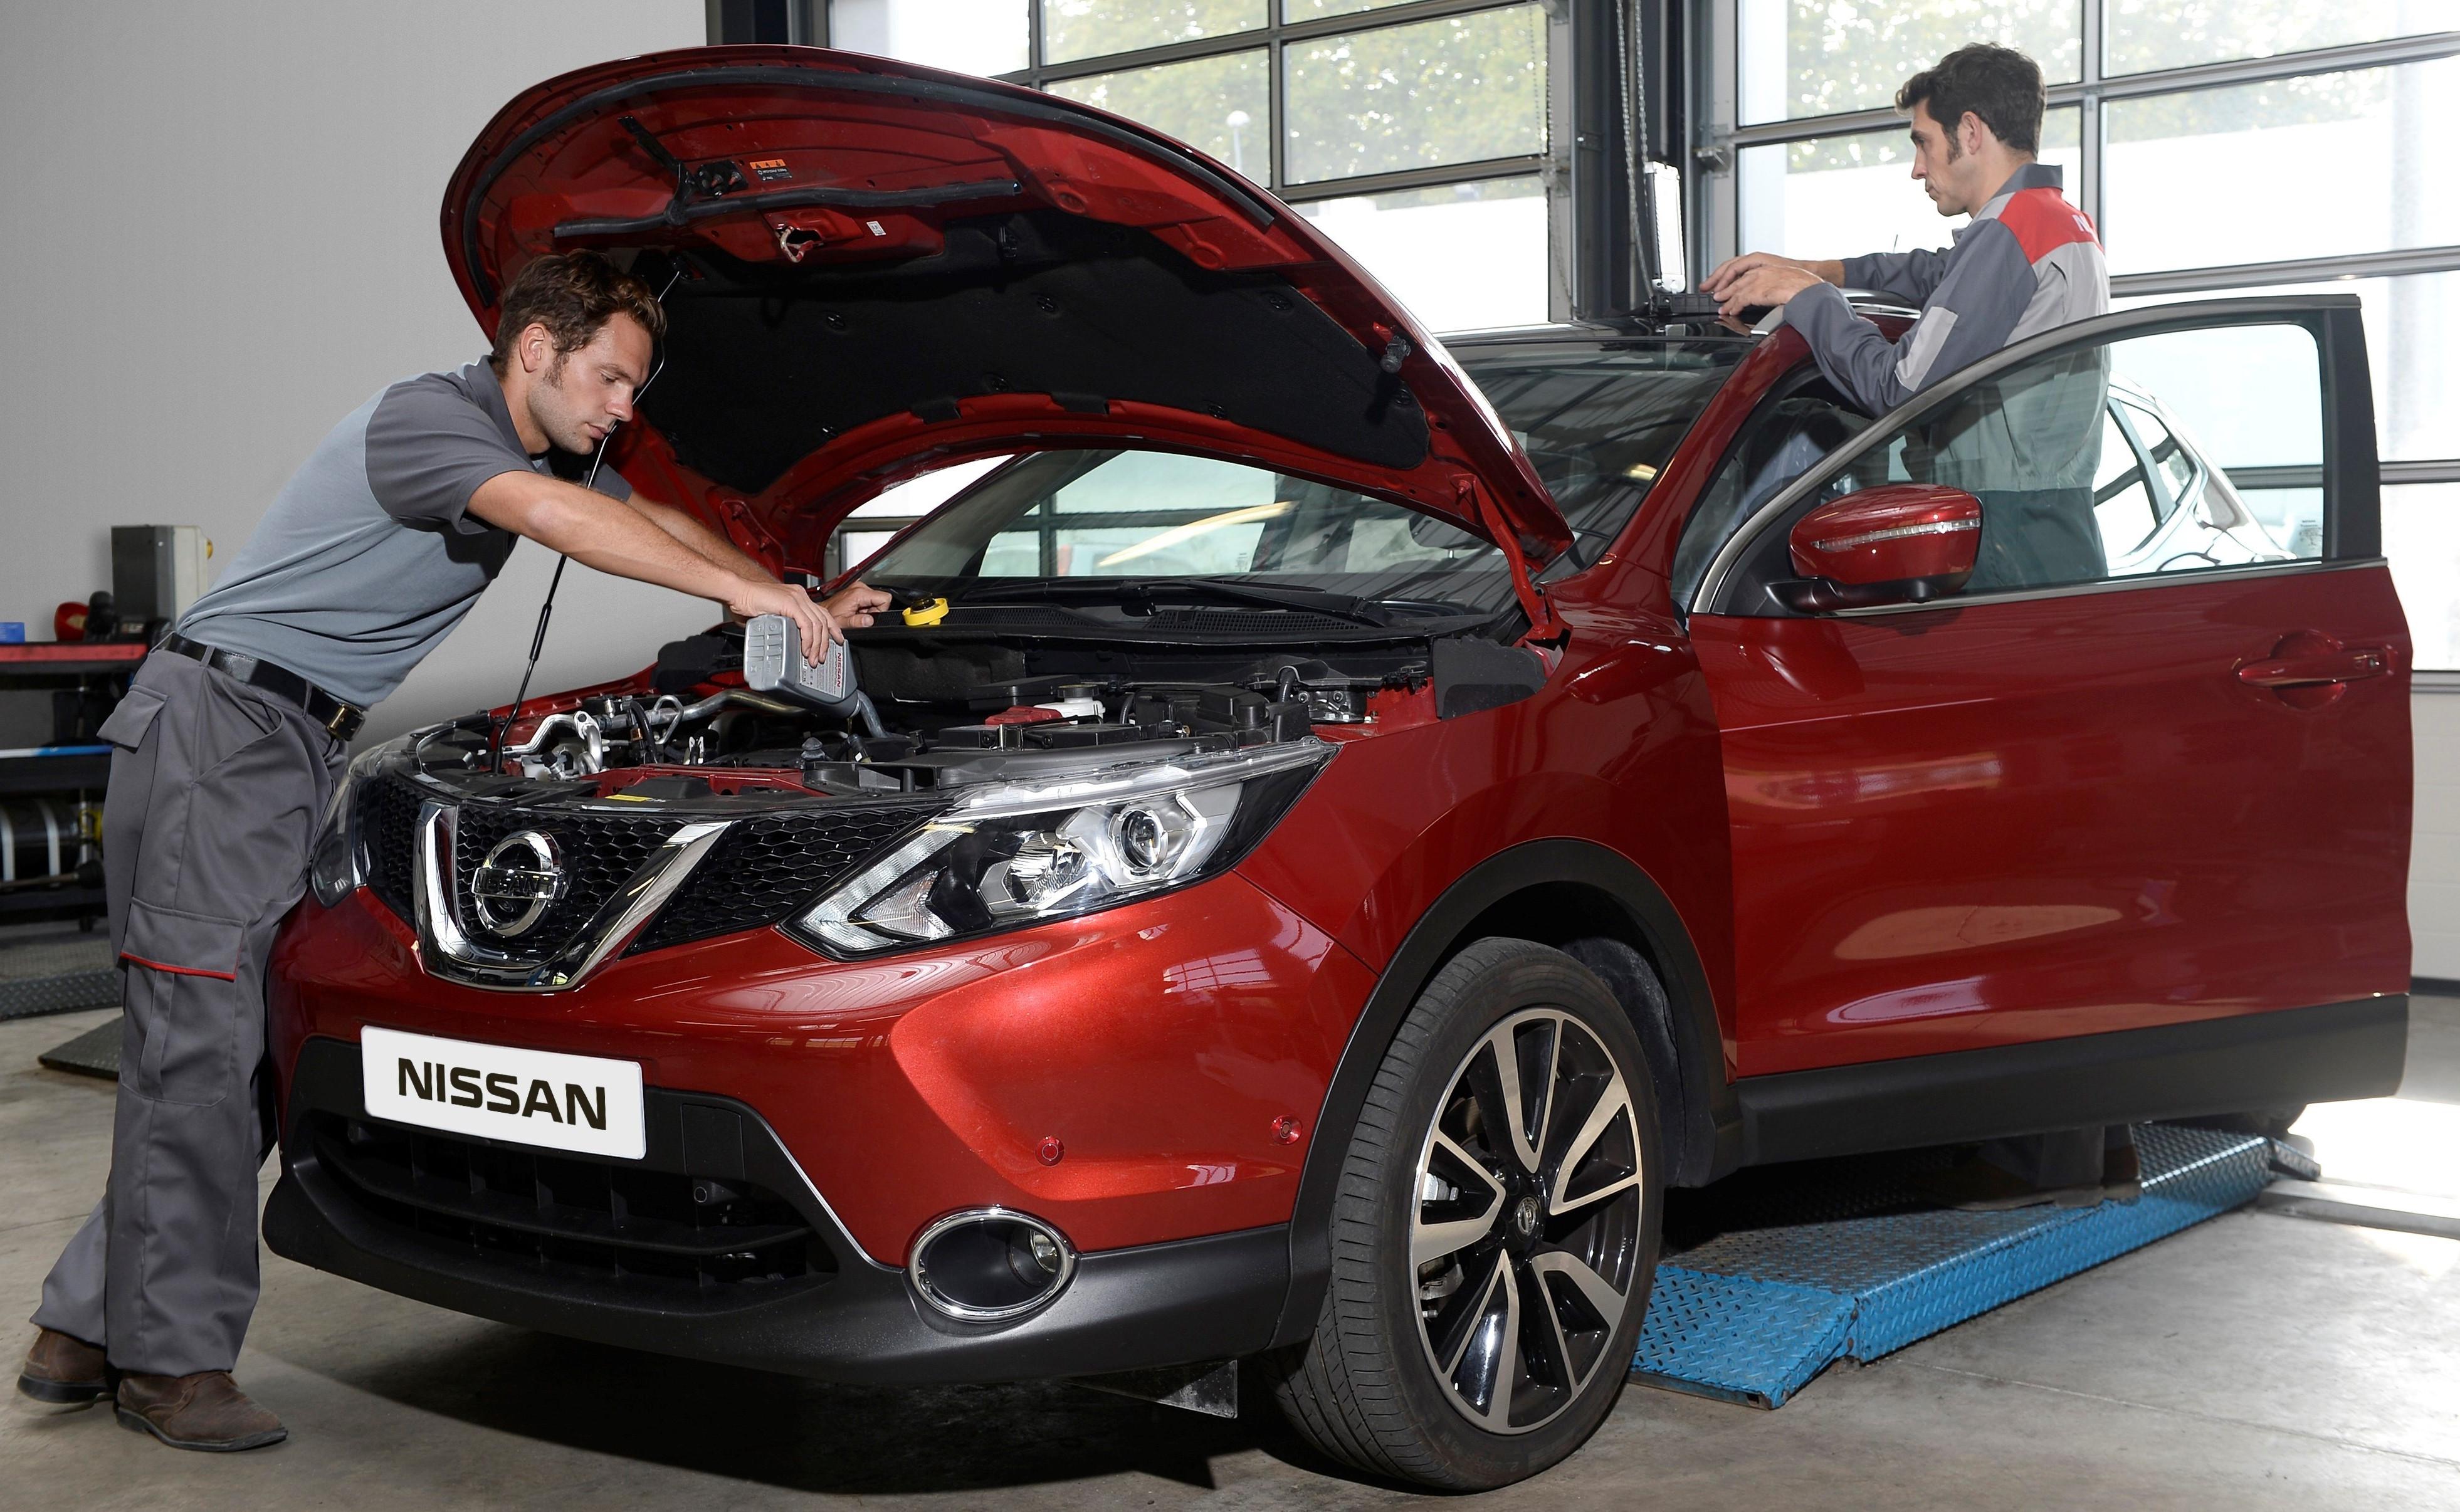 Nissani 5-aastastele ja vanematele sõidukitele mõeldud järelturunduse programmide edasine laiendamine